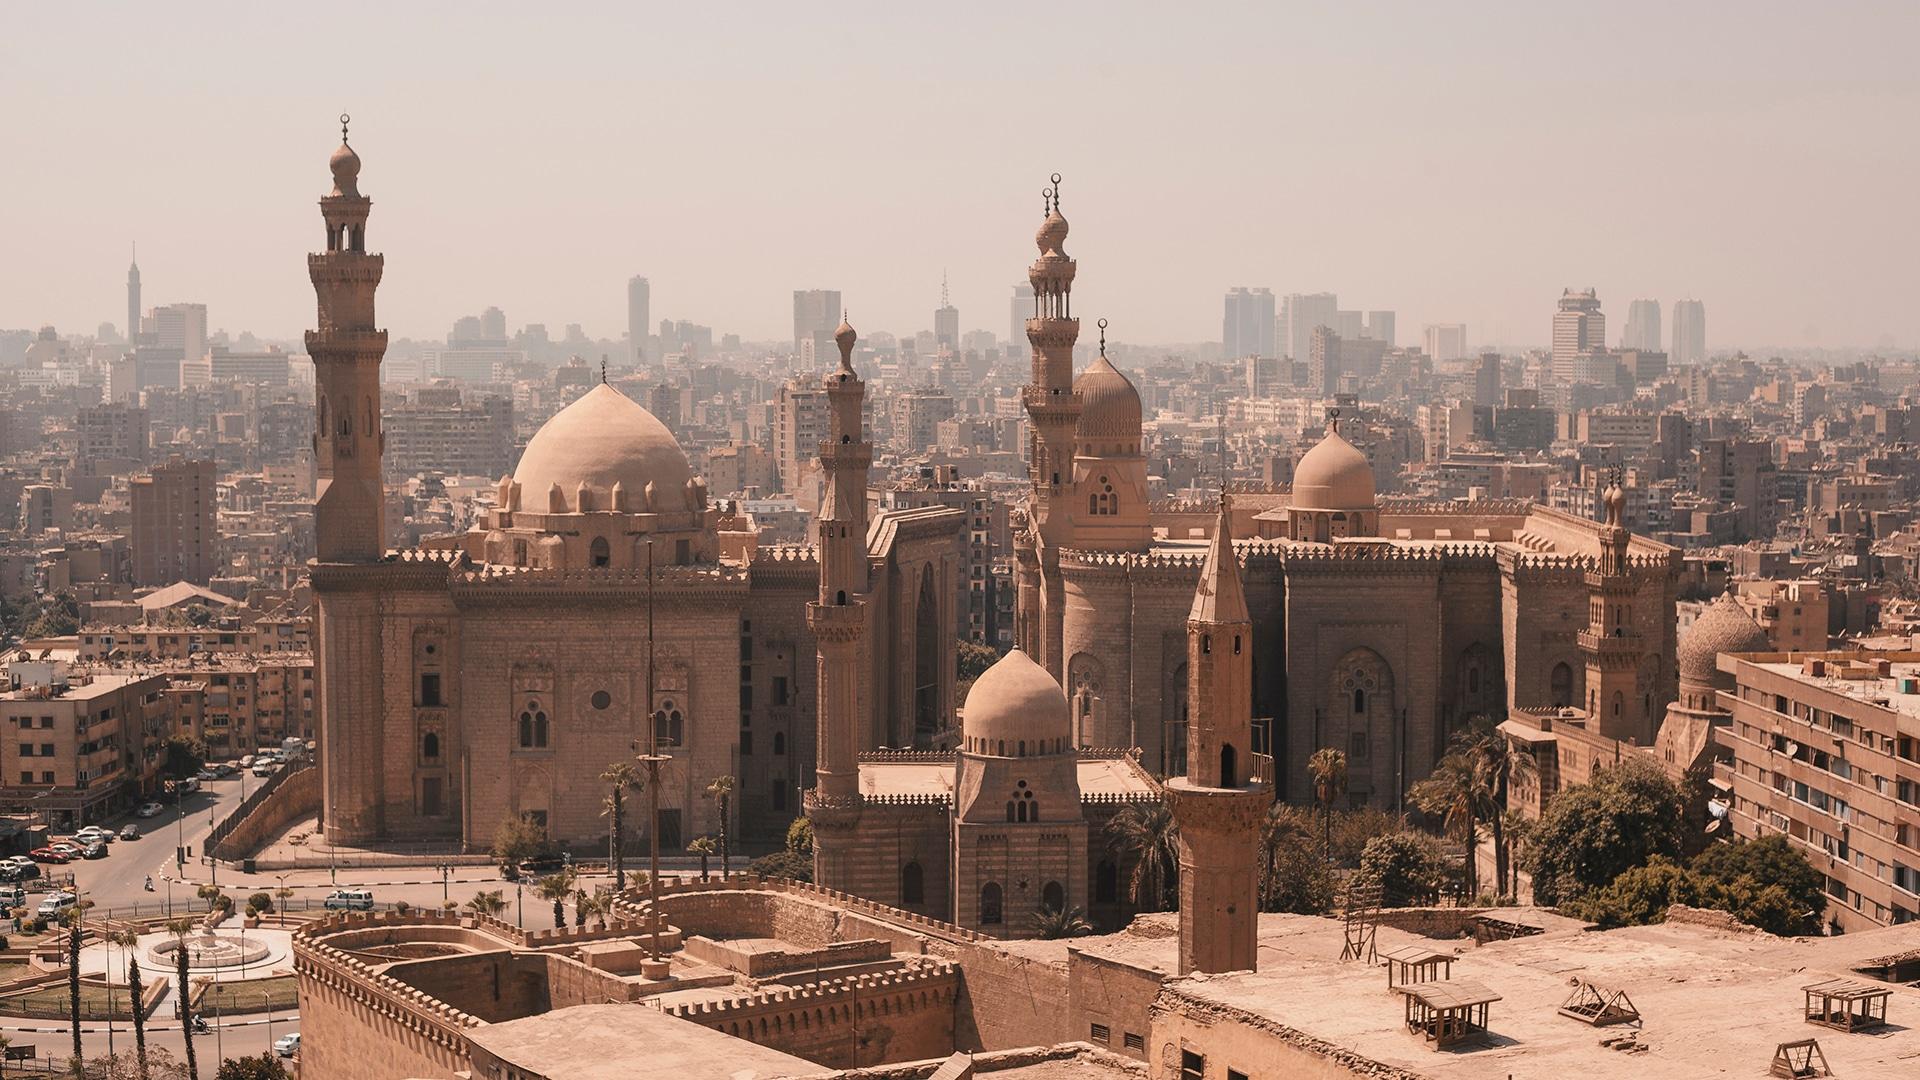 Le Caire, en Égypte